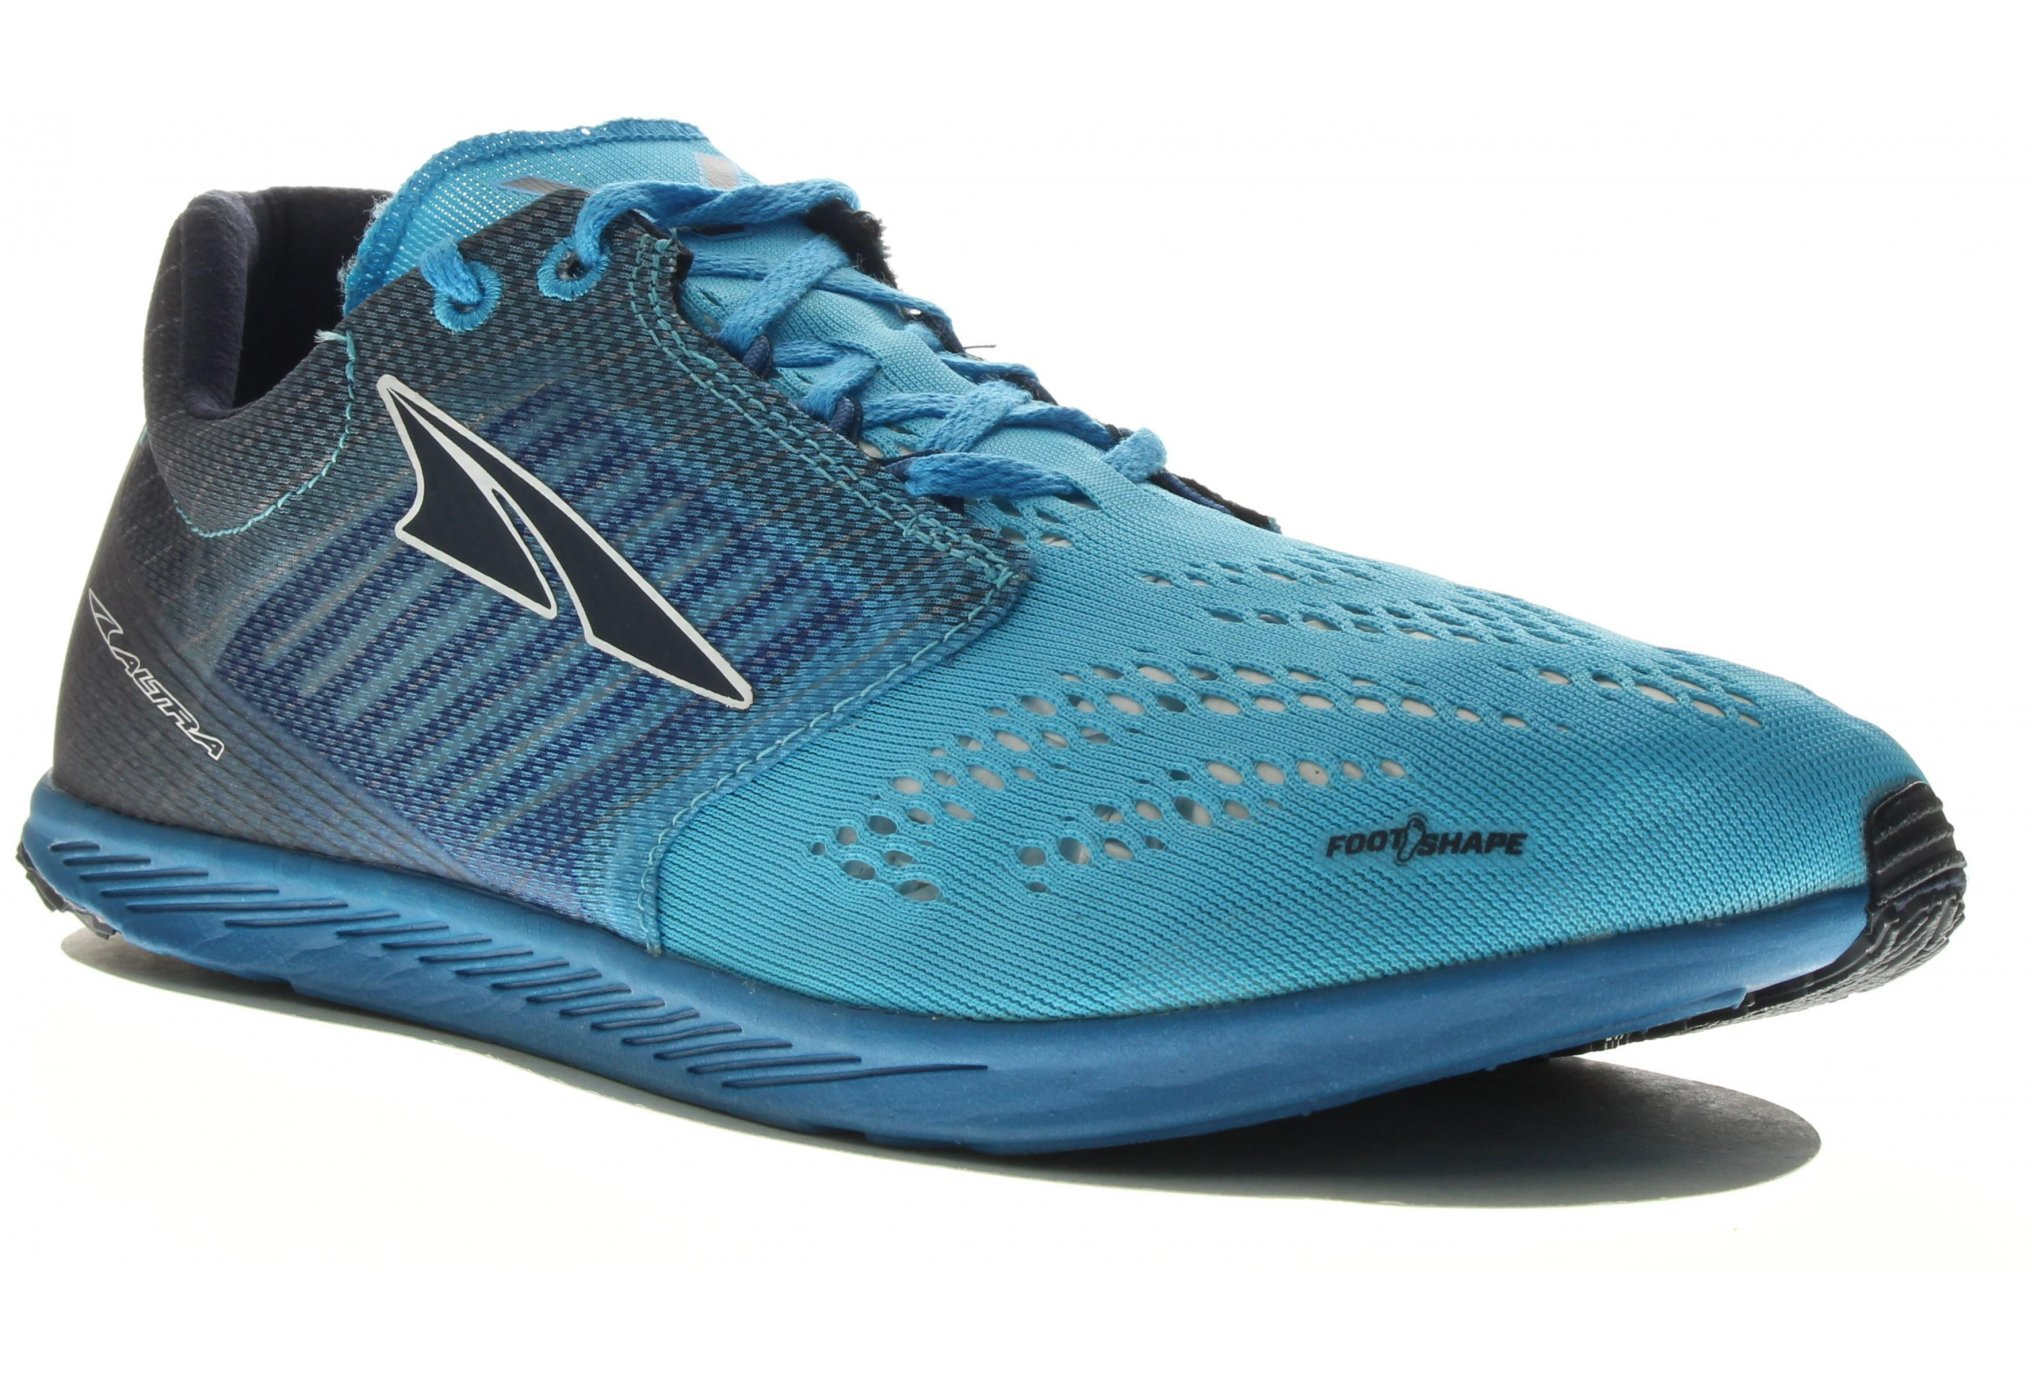 Altra Vanish-R Chaussures running femme